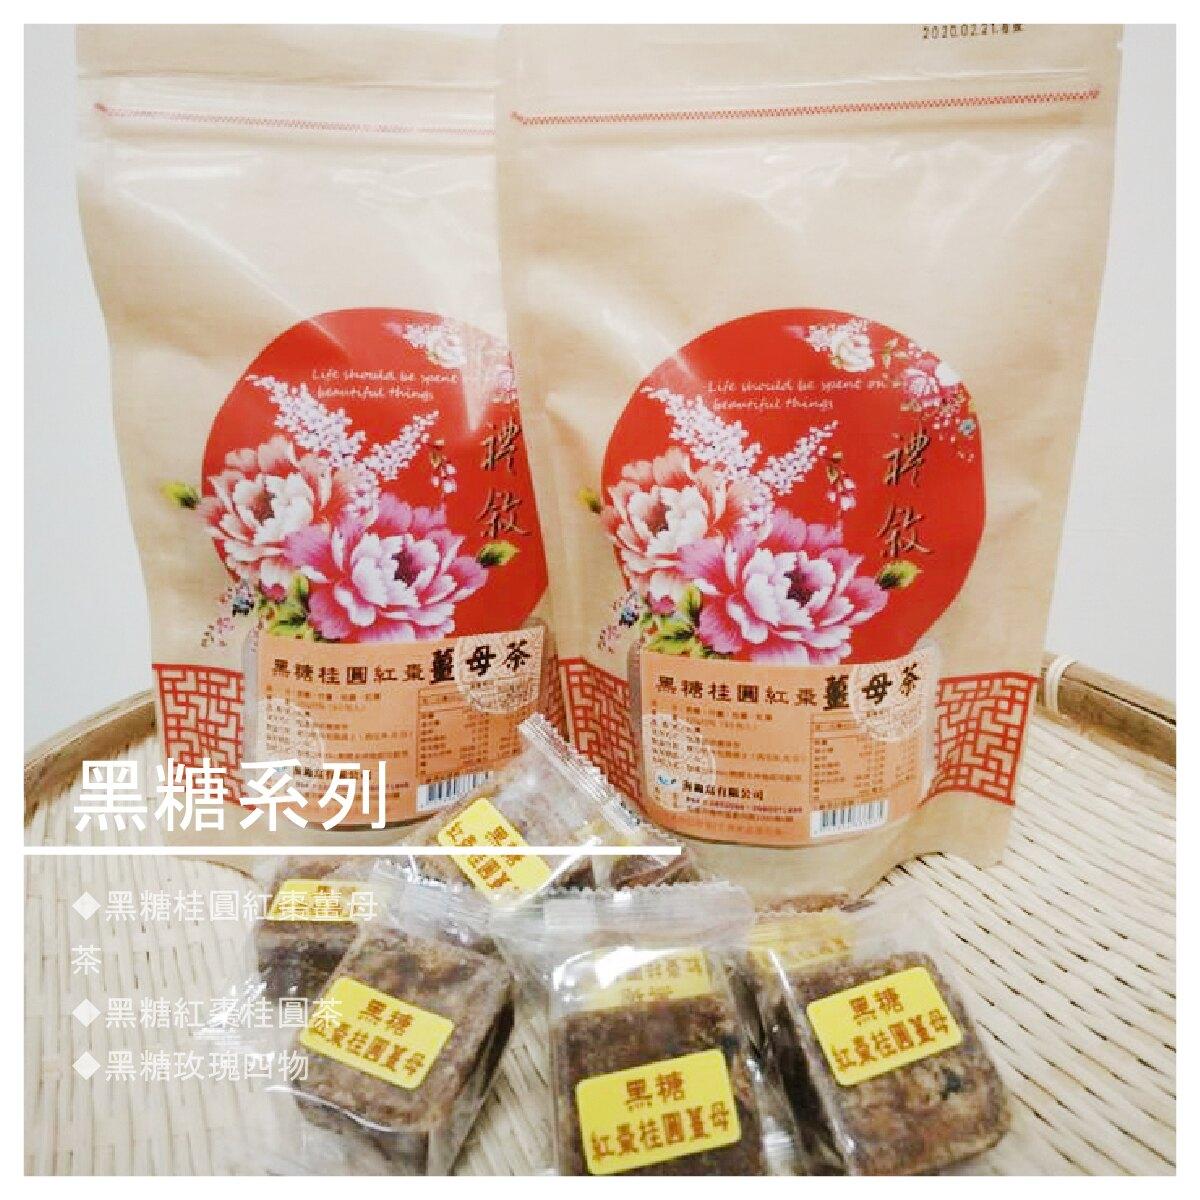 【海錦富】黑糖系列 320g/袋